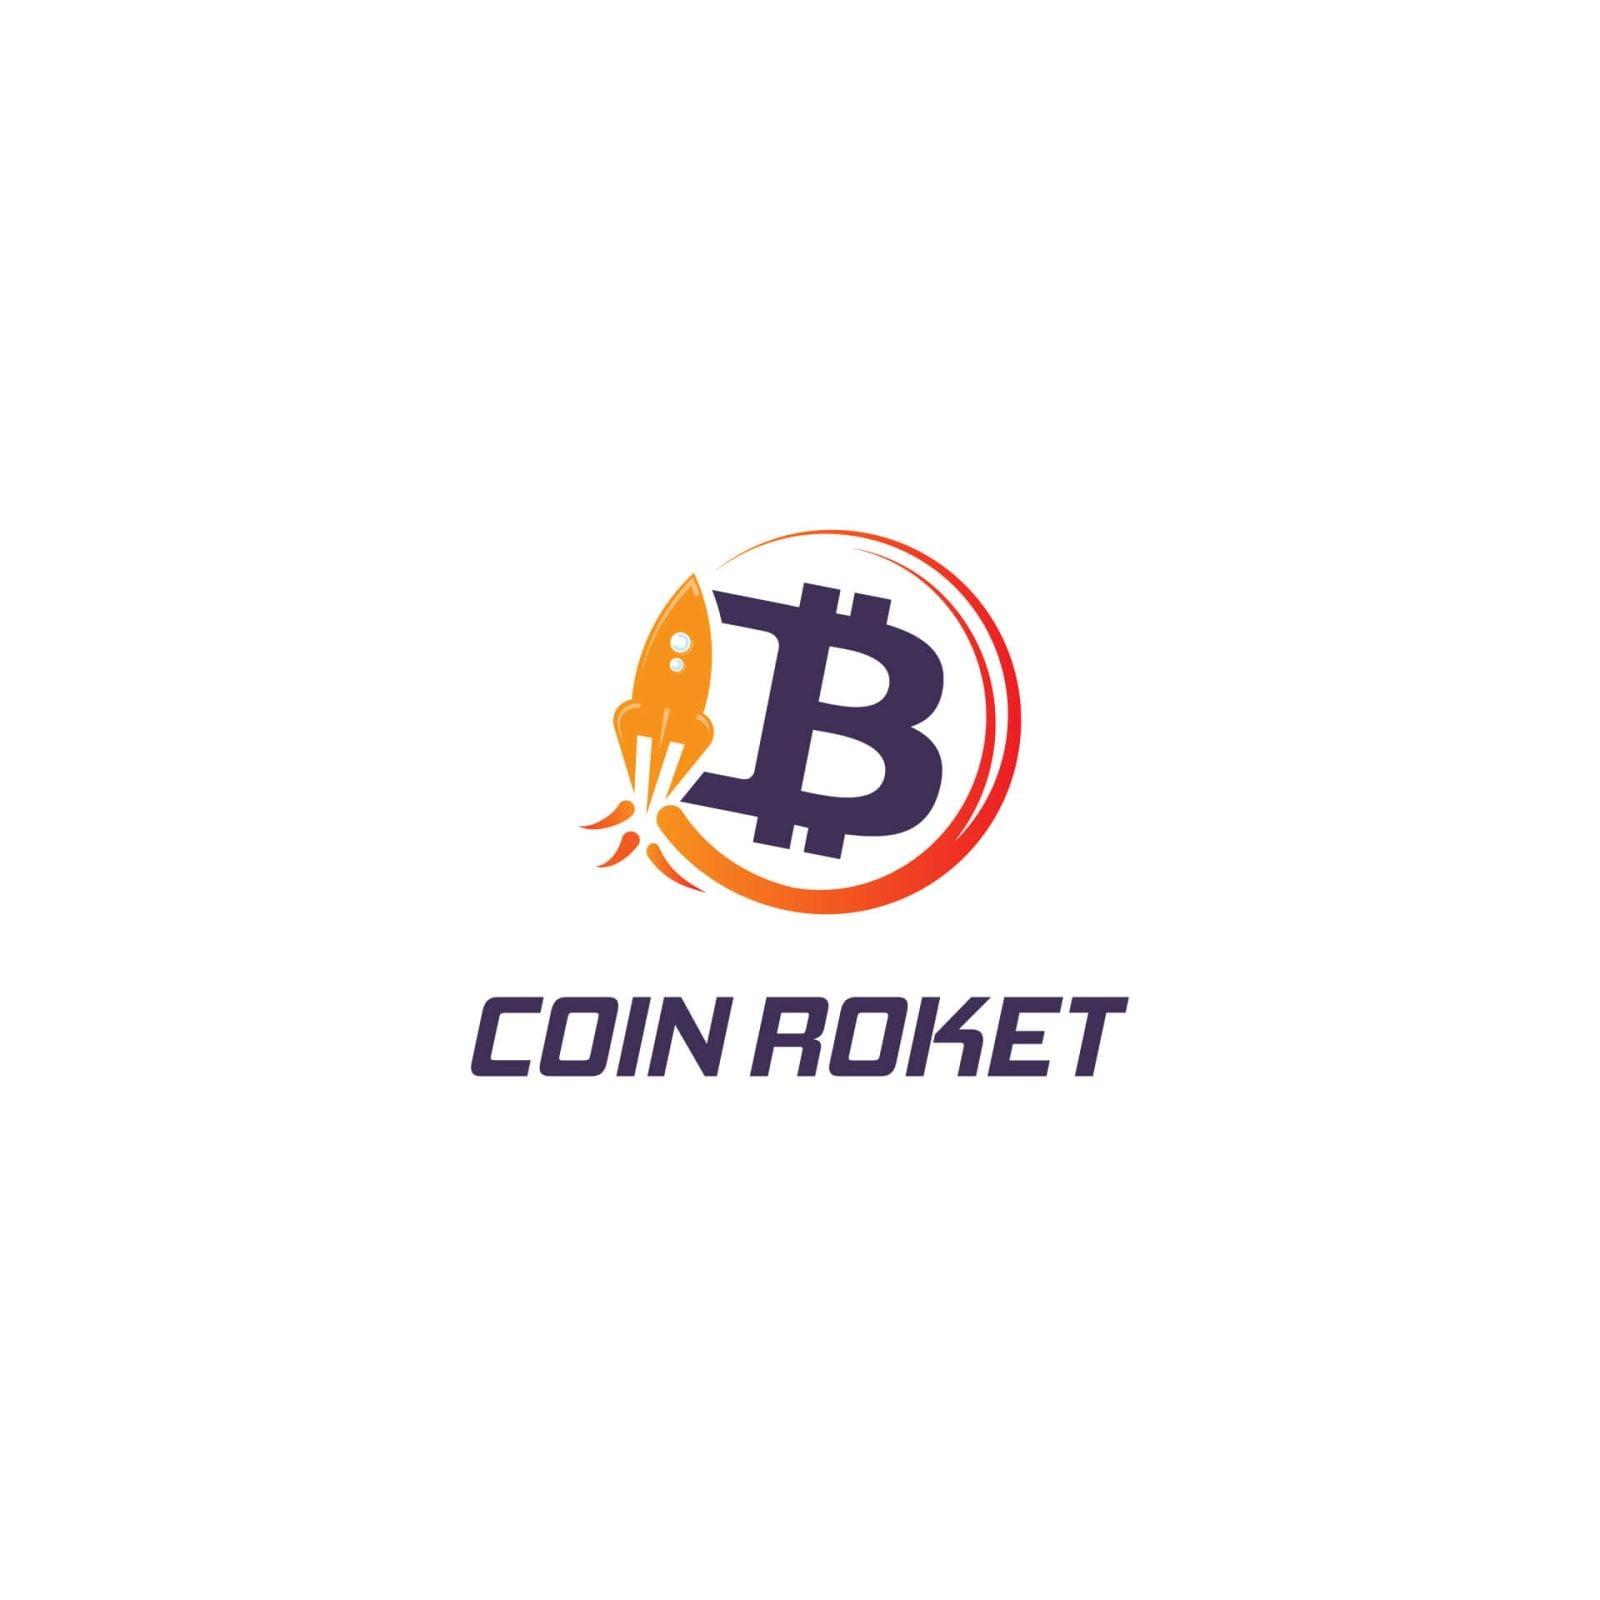 coin-roket